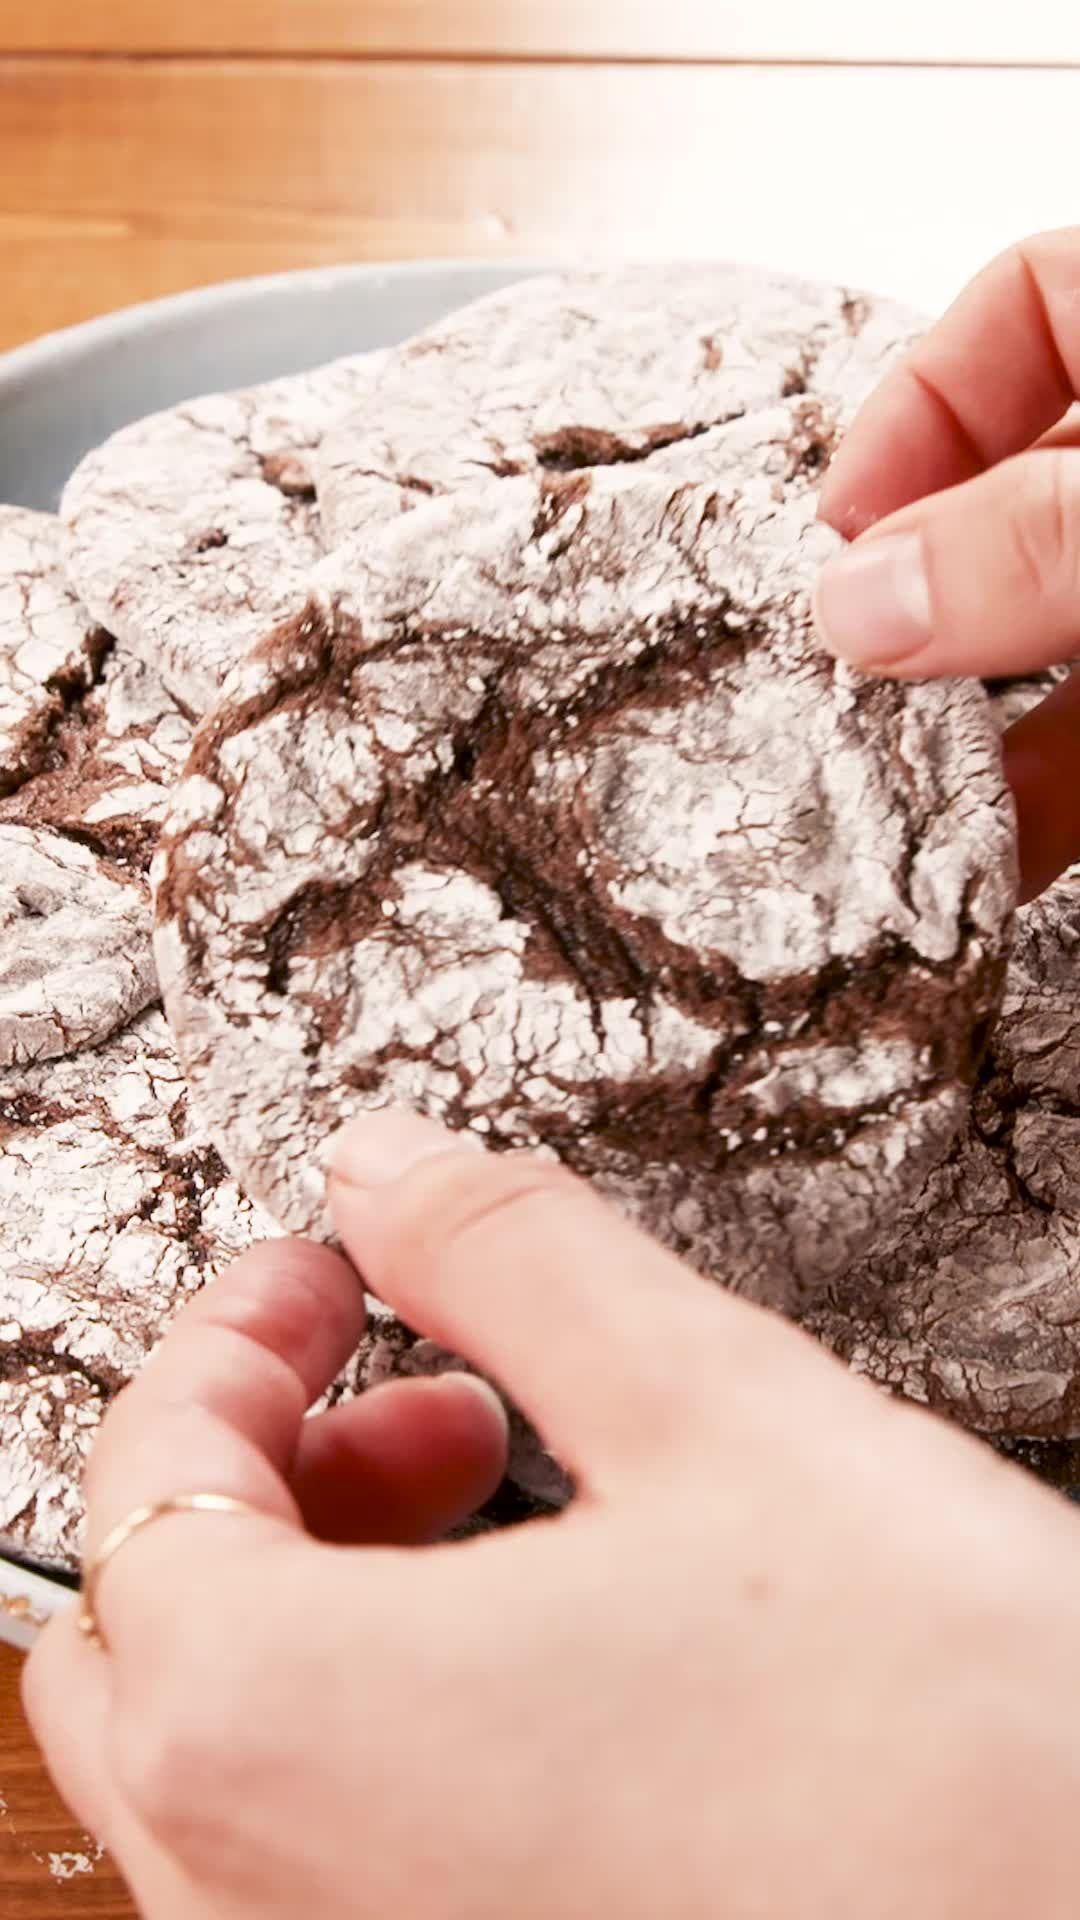 White Chocolate Pretzel M&M's Are Coming